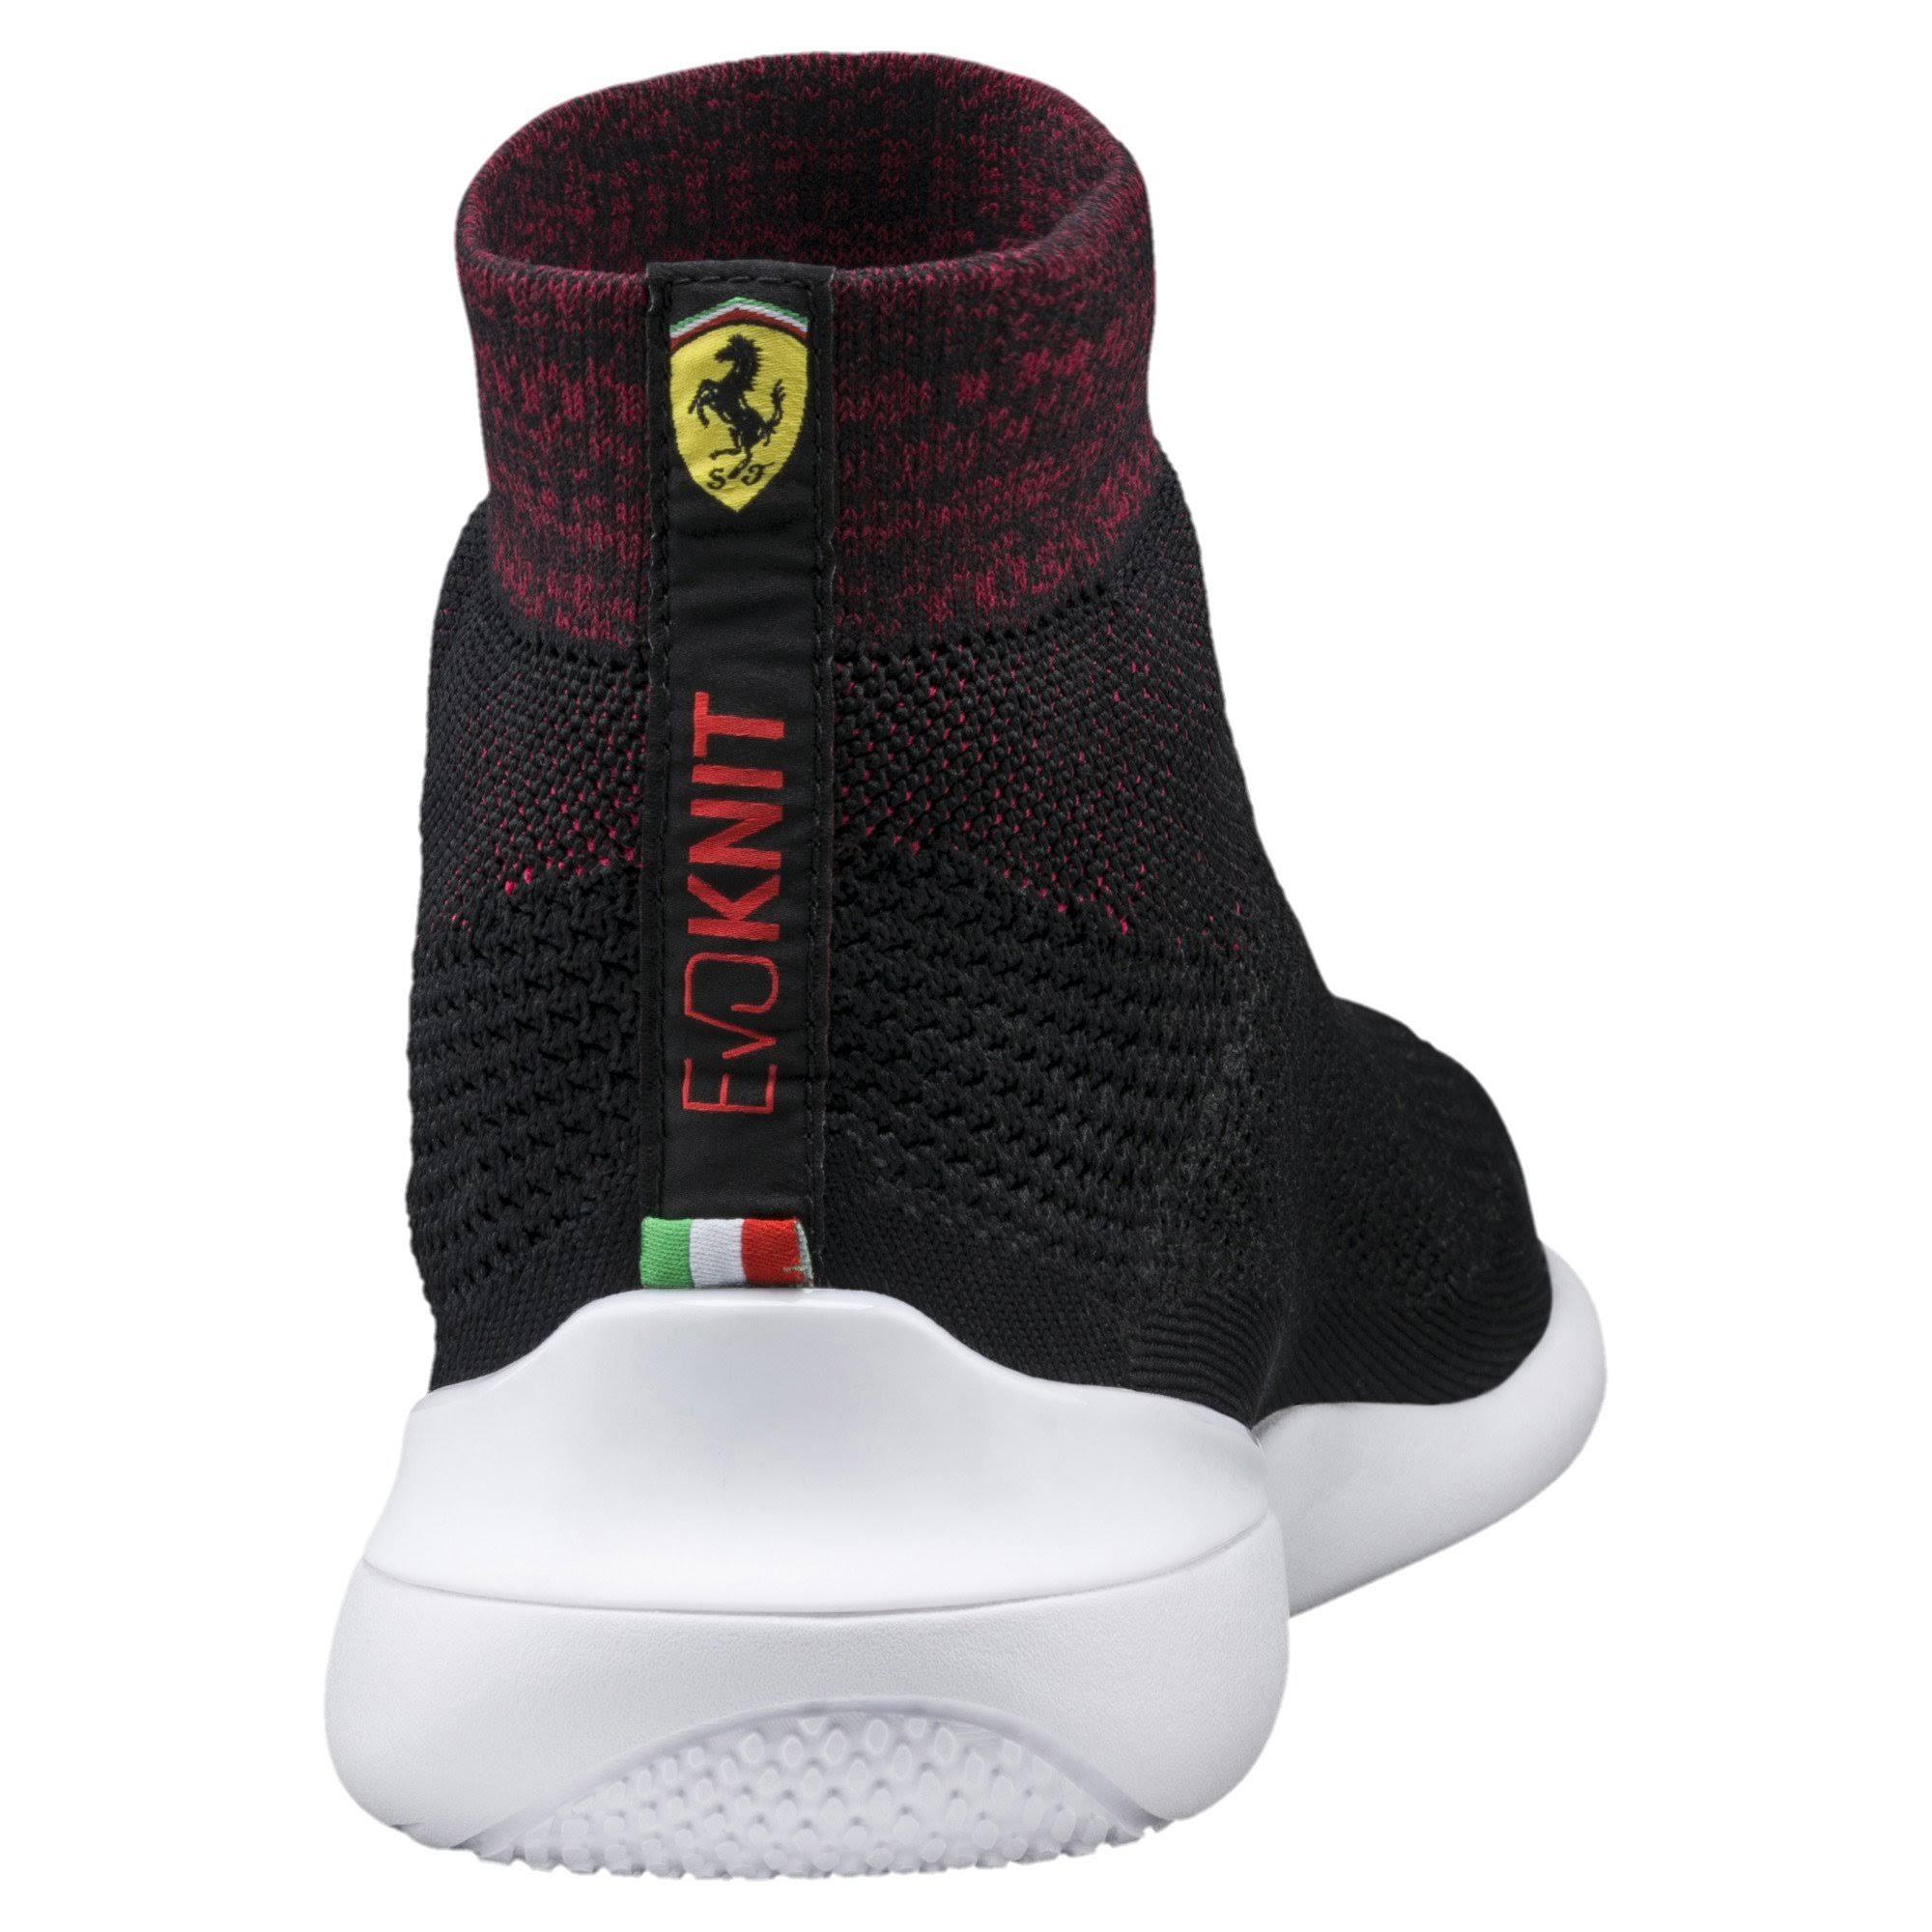 Color Evo Ferrari 7 Para Blanco Corsa Zapatilla Tobillo Hasta M El Rosso Hombre Puma Cat Moda De Negro Deporte BACnf